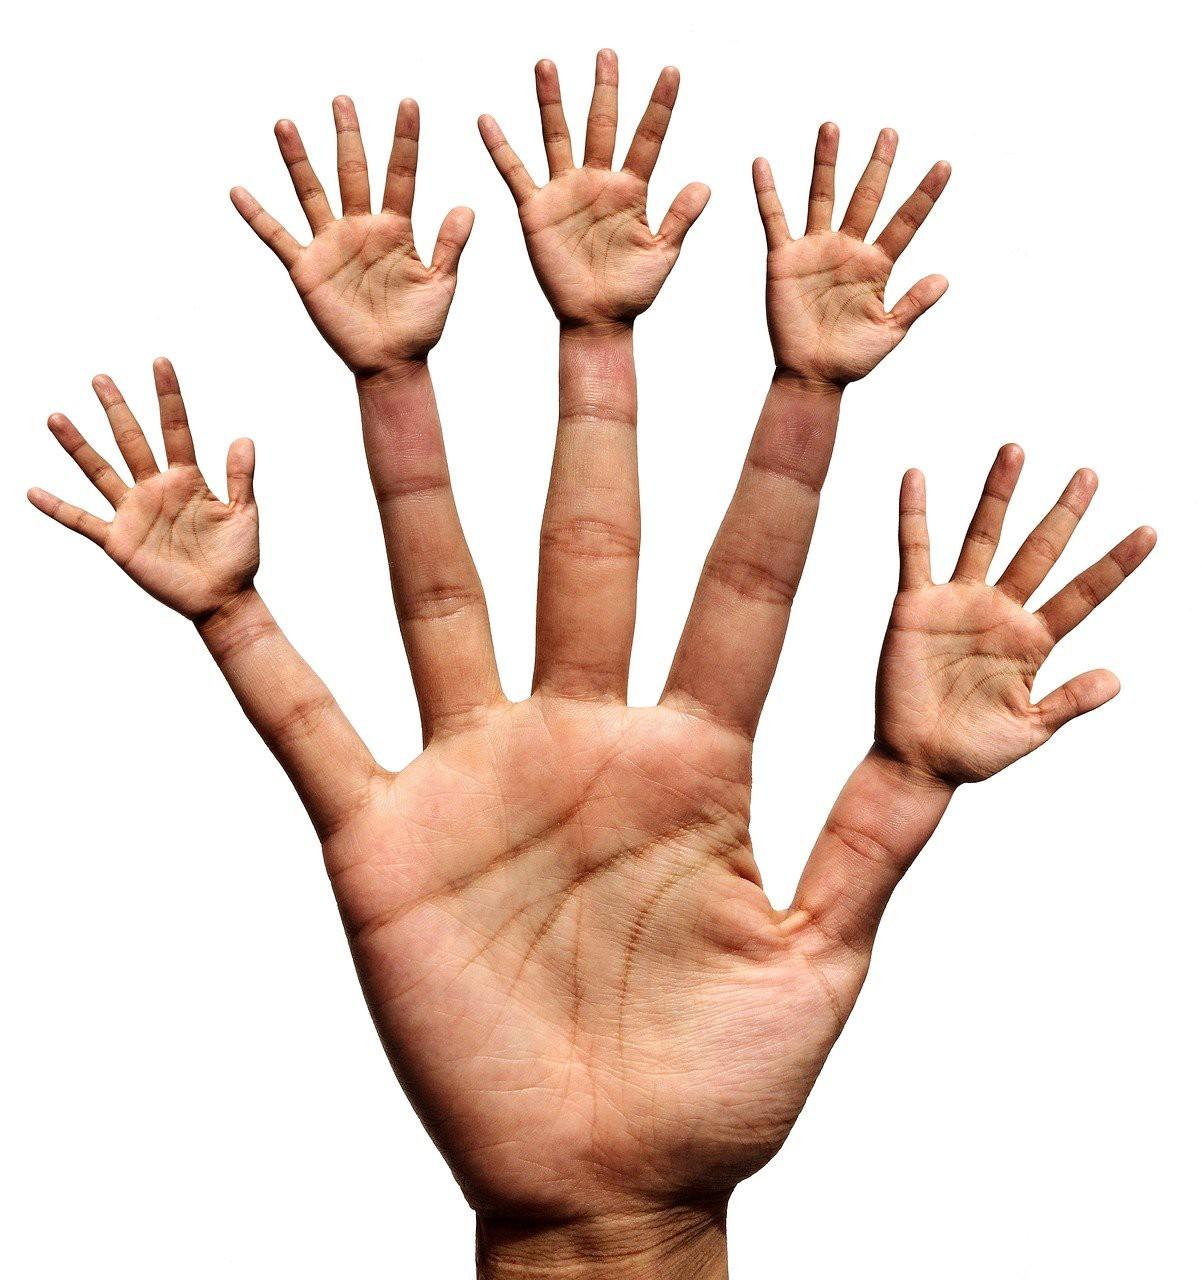 hand-2571553_1280